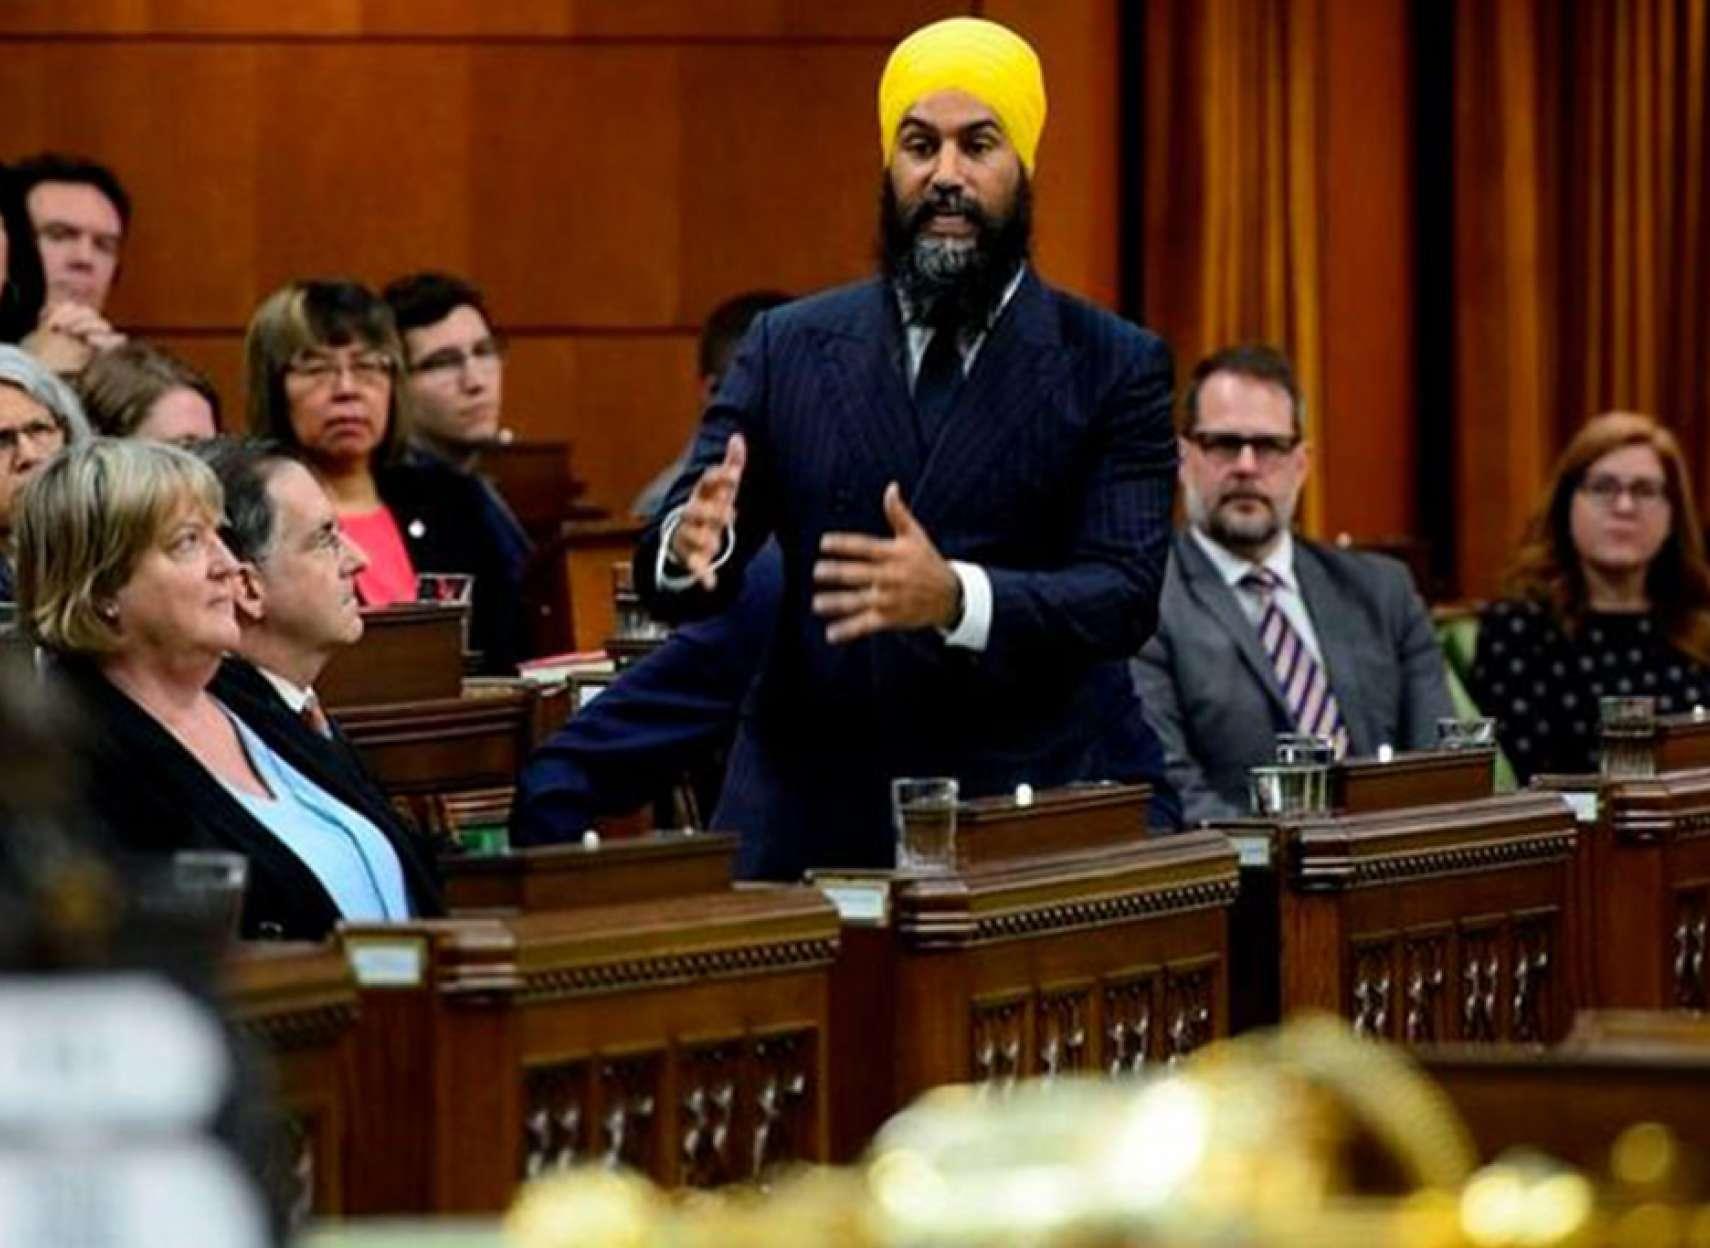 اعلان-برنامههای-حزب-نیودموکرات-برای-کانادا-اخبار